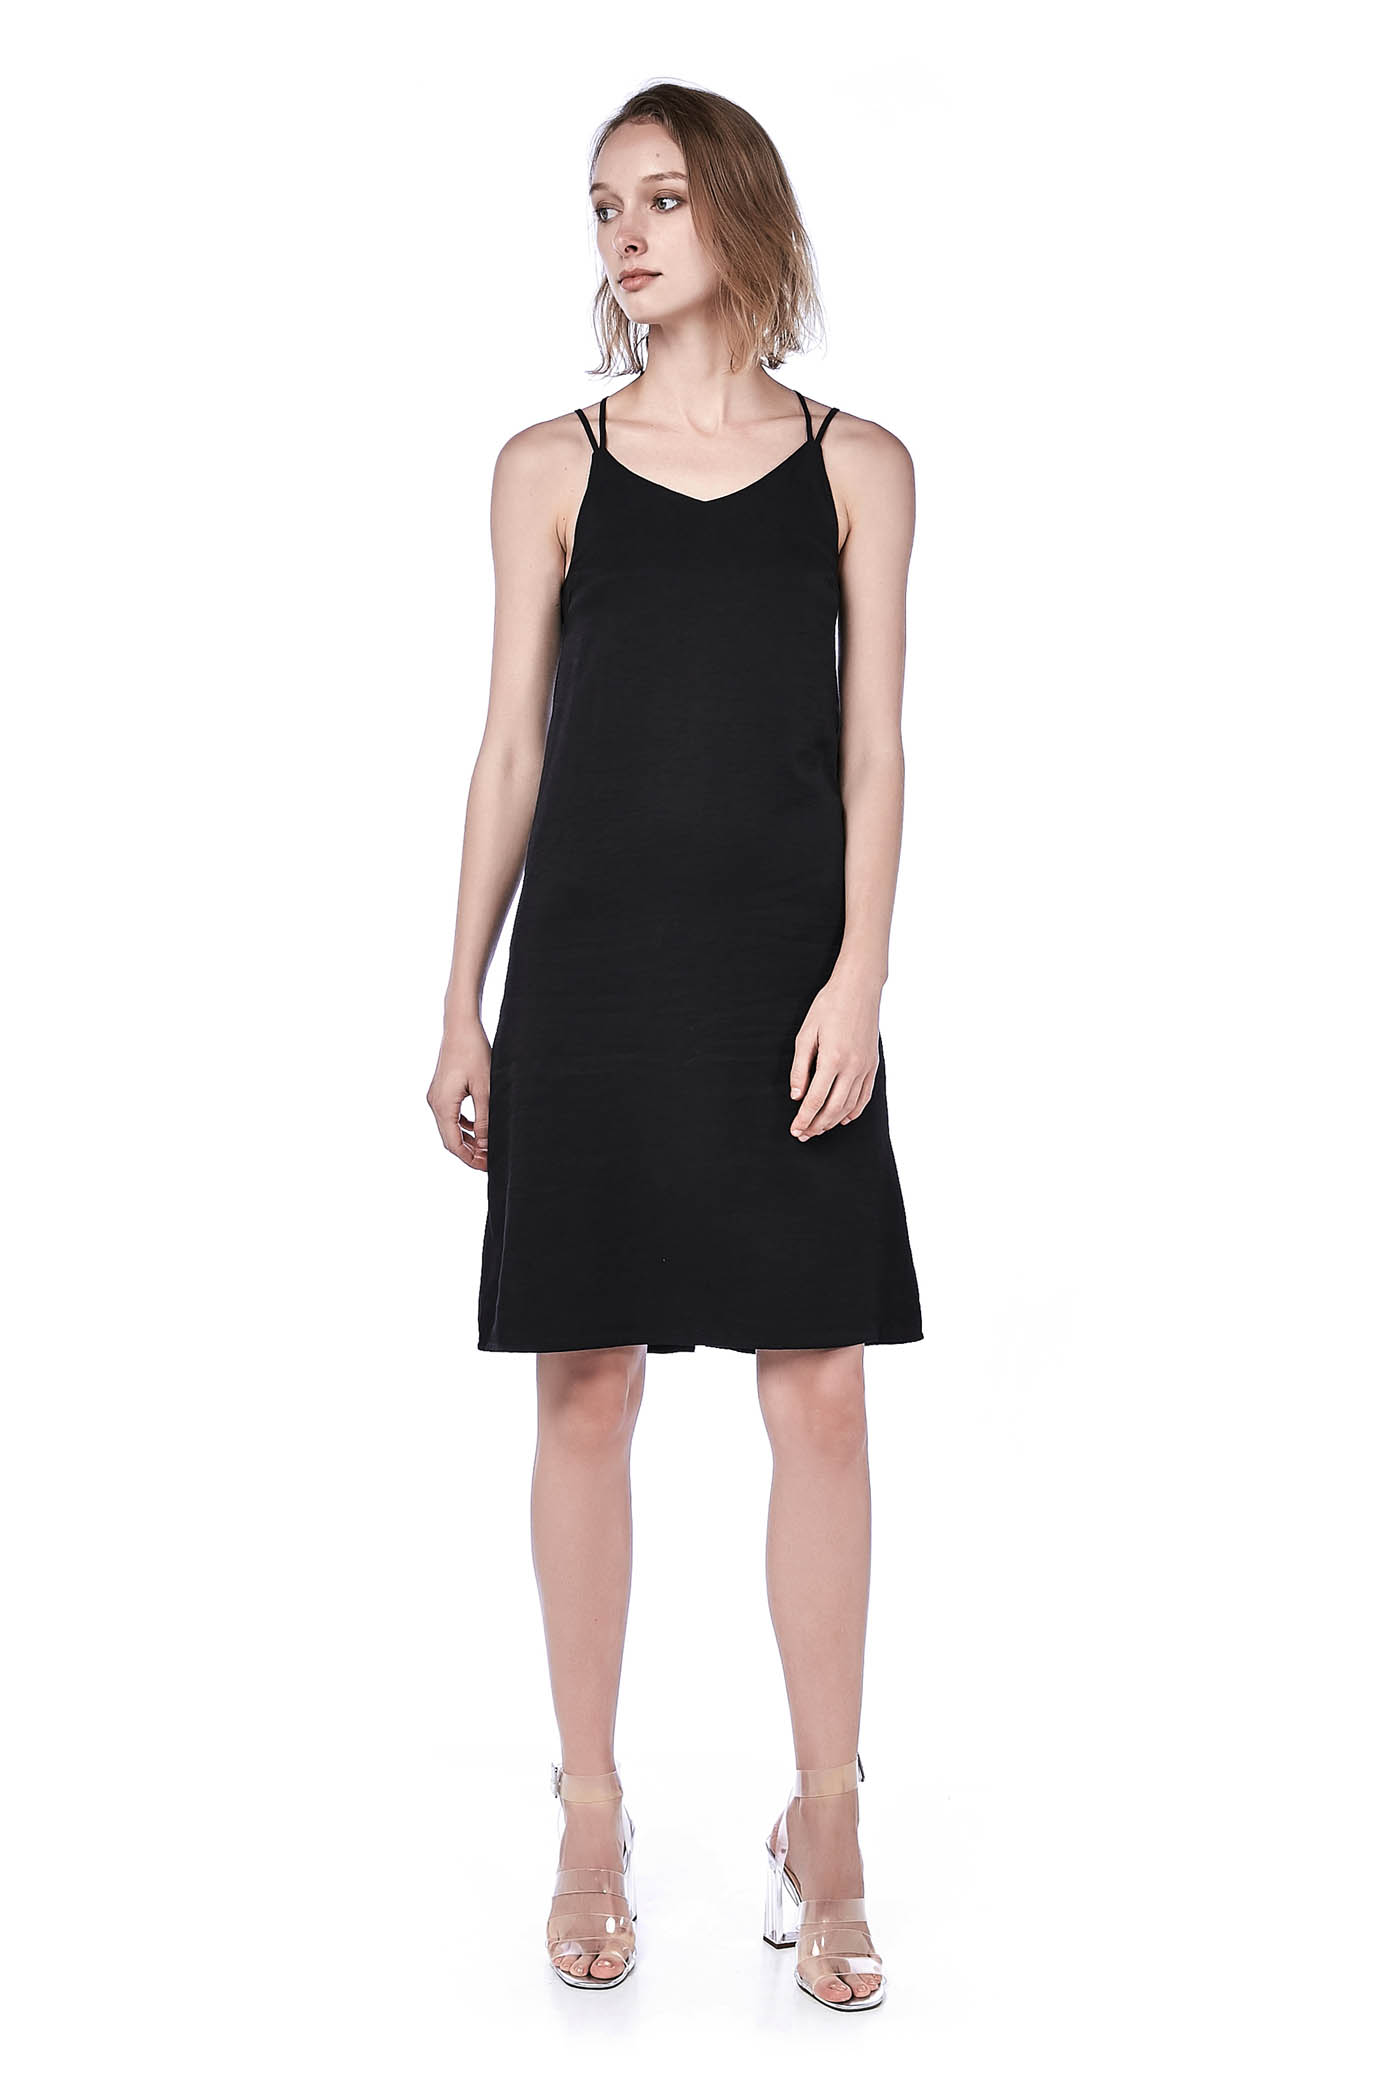 Rusila Cross-Strap Midi Dress